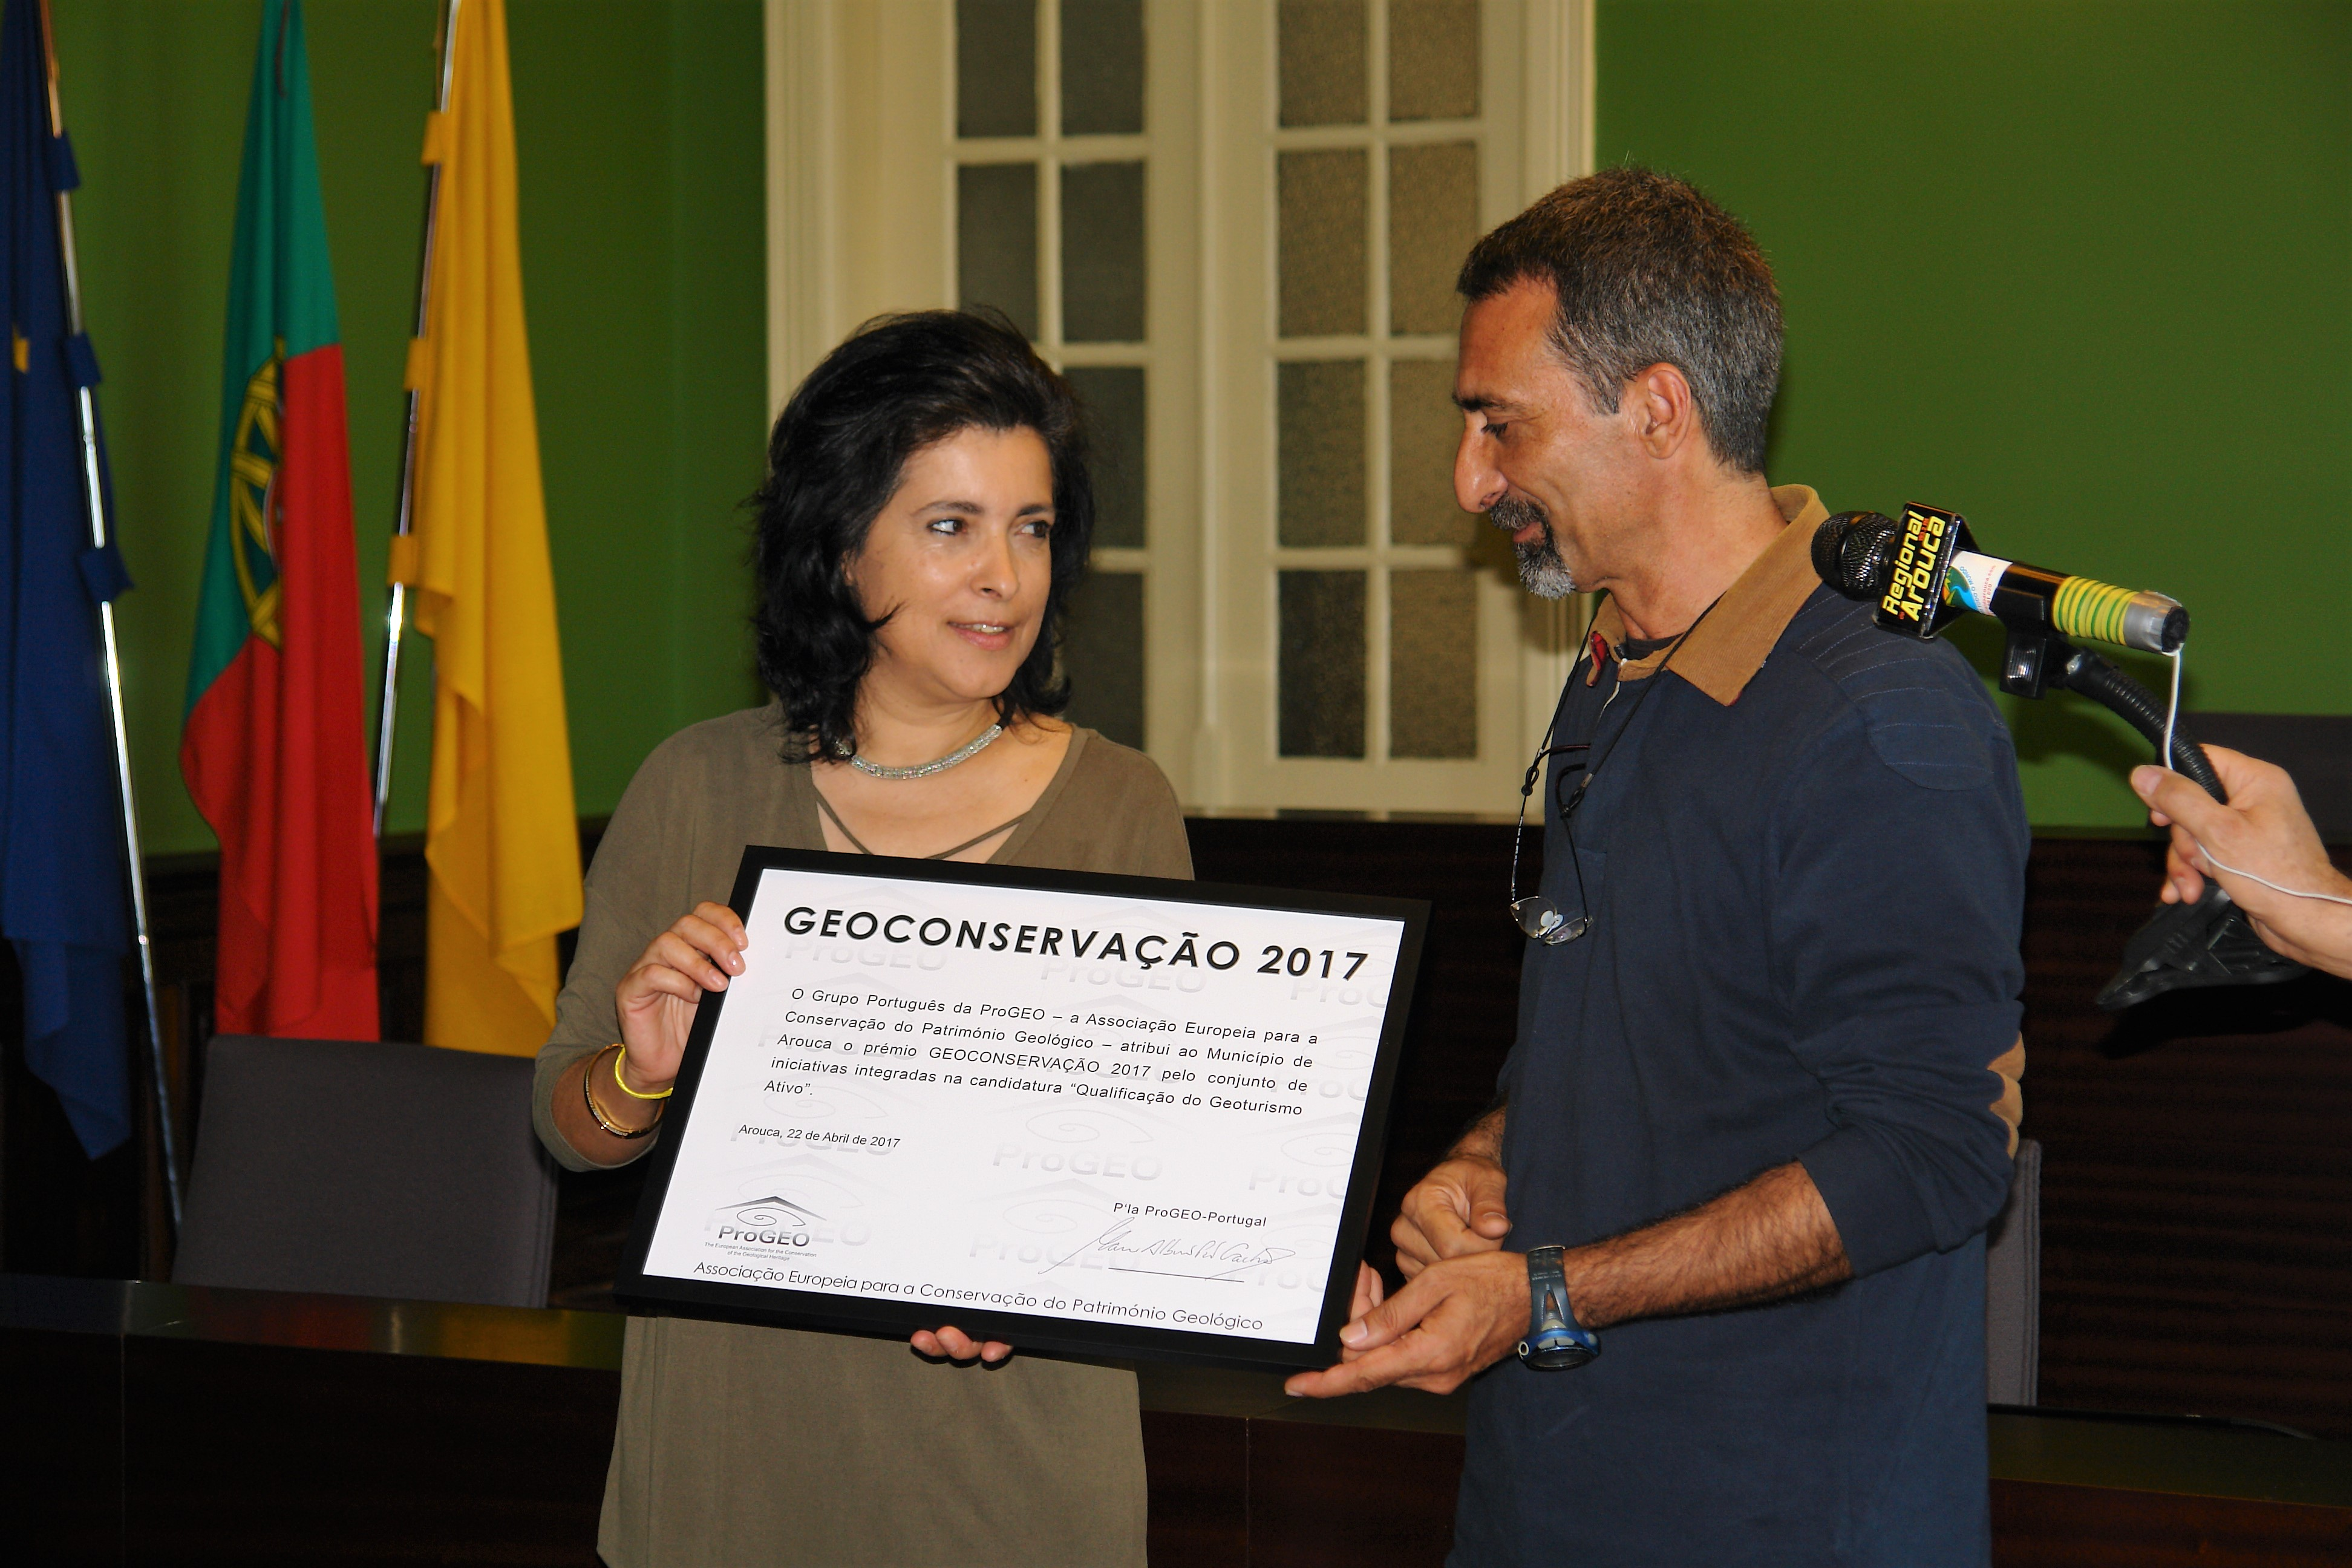 Arouca recebeu Prémio Geoconservação 2017